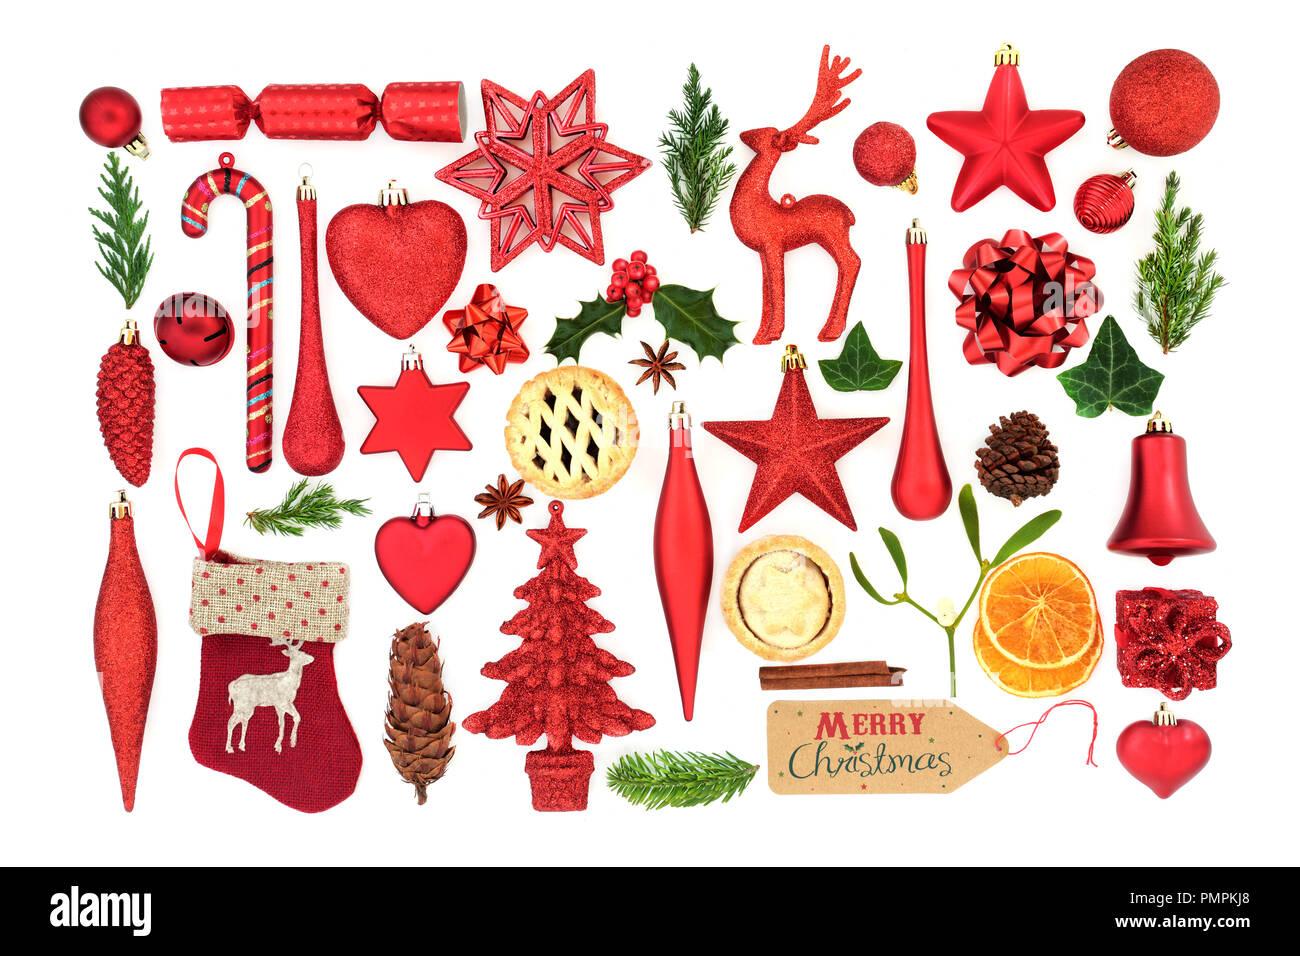 Weihnachten Symbole mit Baum Christbaumkugel Dekorationen, Winter Pflanzen und Lebensmittel auf weißem Hintergrund. Festliche Weihnachten Karte für die Ferienzeit. Stockbild